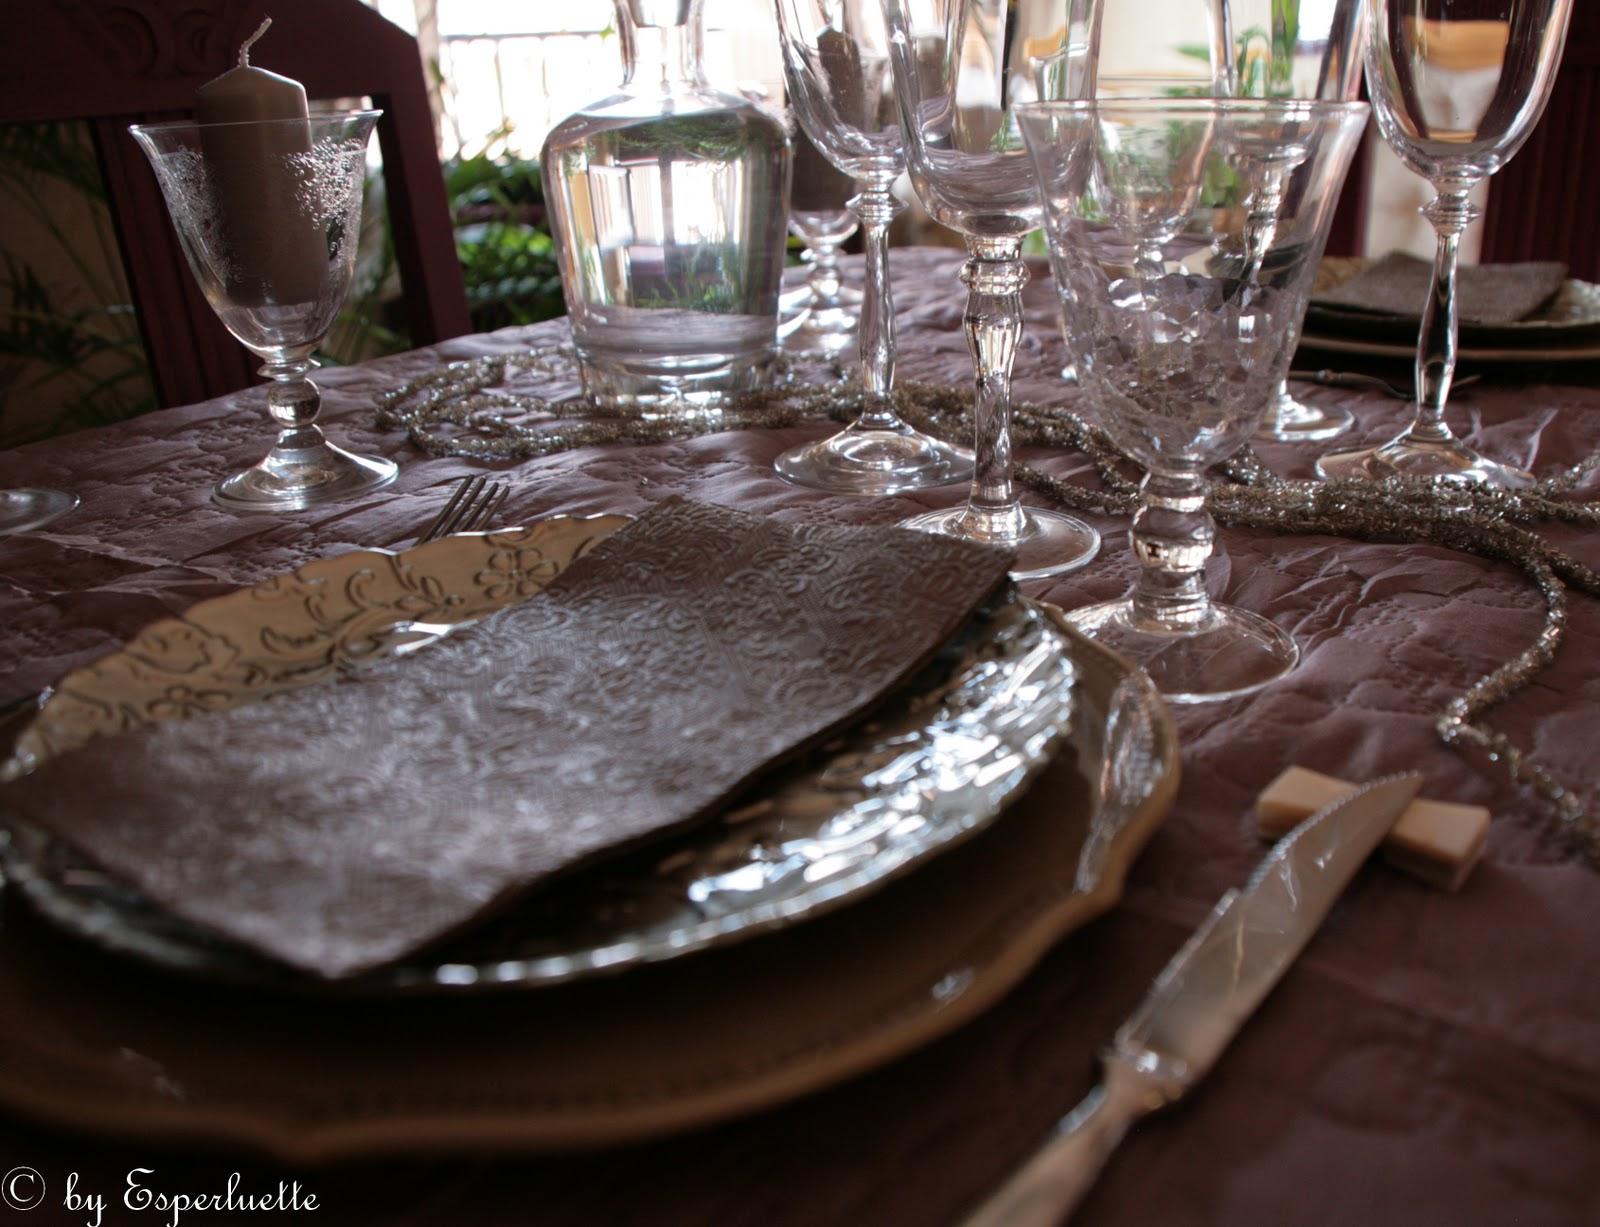 Jours de bonheur jolie table d ner en amoureux - Table amoureux ...